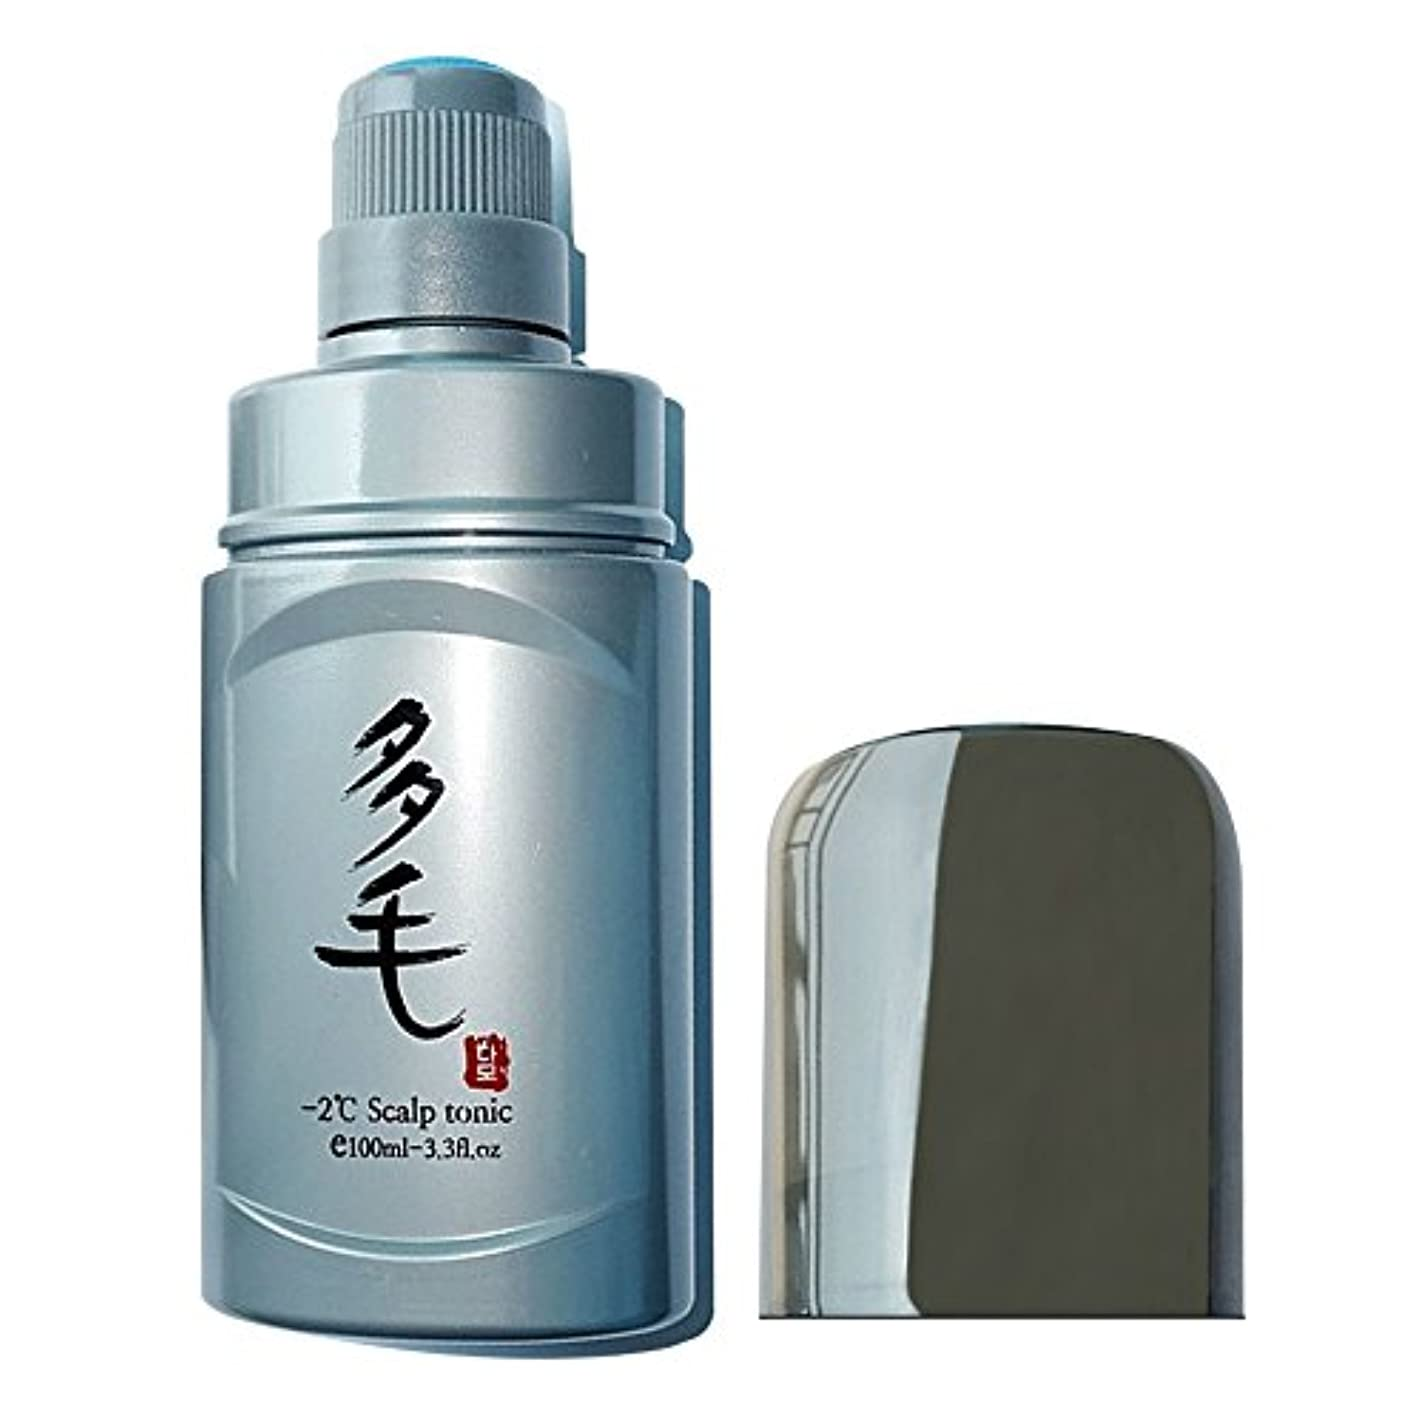 弾力性のある雲南方のヘアロス プリベンションand さいせい フィーバー 除去 in Scalp 100ml スカルプケア Sponge Applicator Bottle -2°C Scalp Tonic Liquid 並行輸入